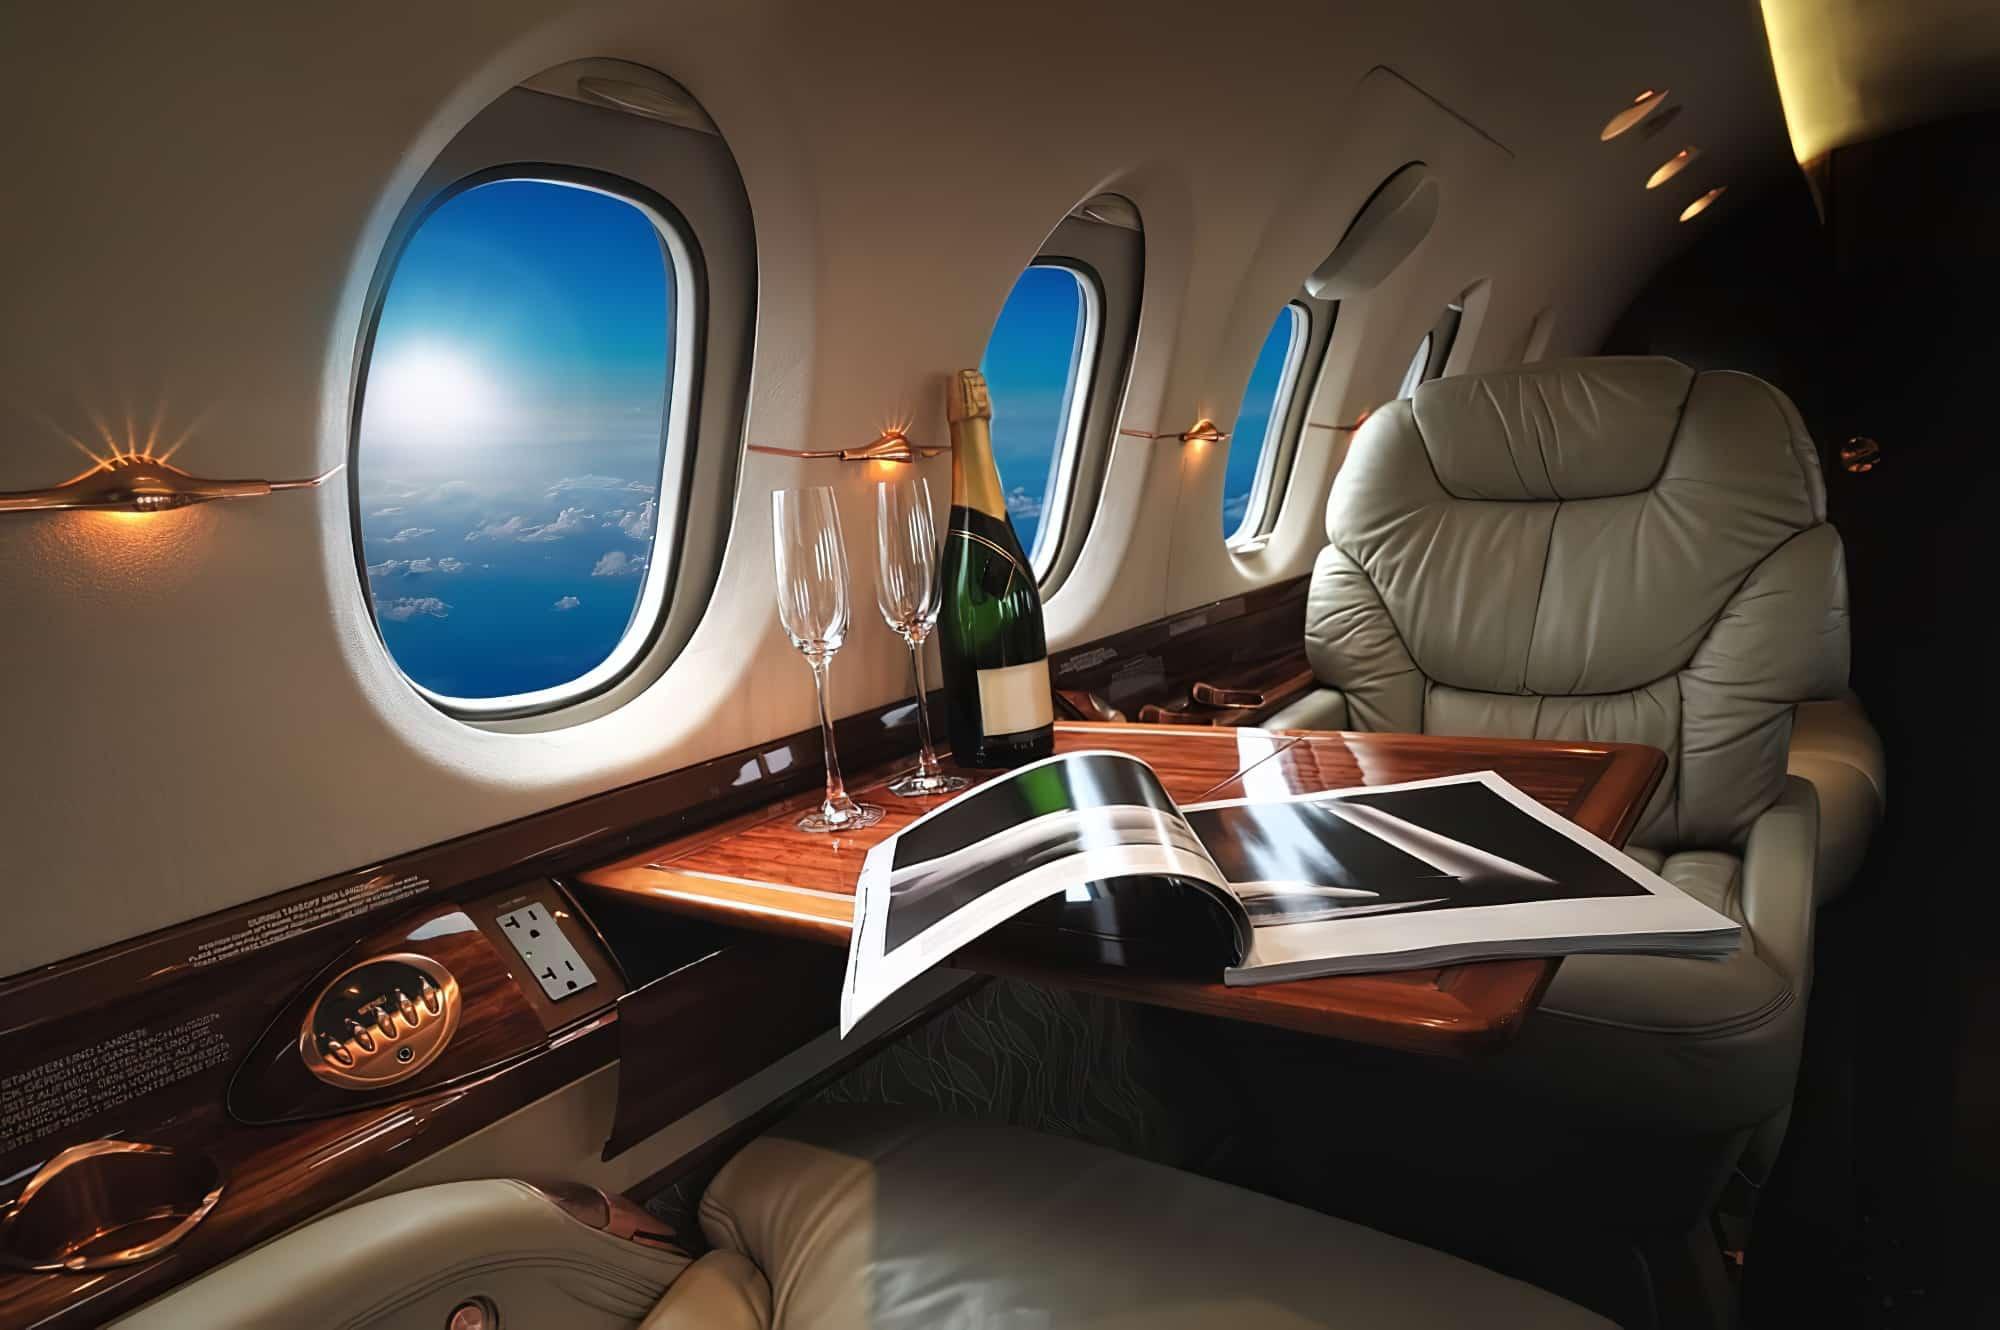 Jet privé - voyage de luxe